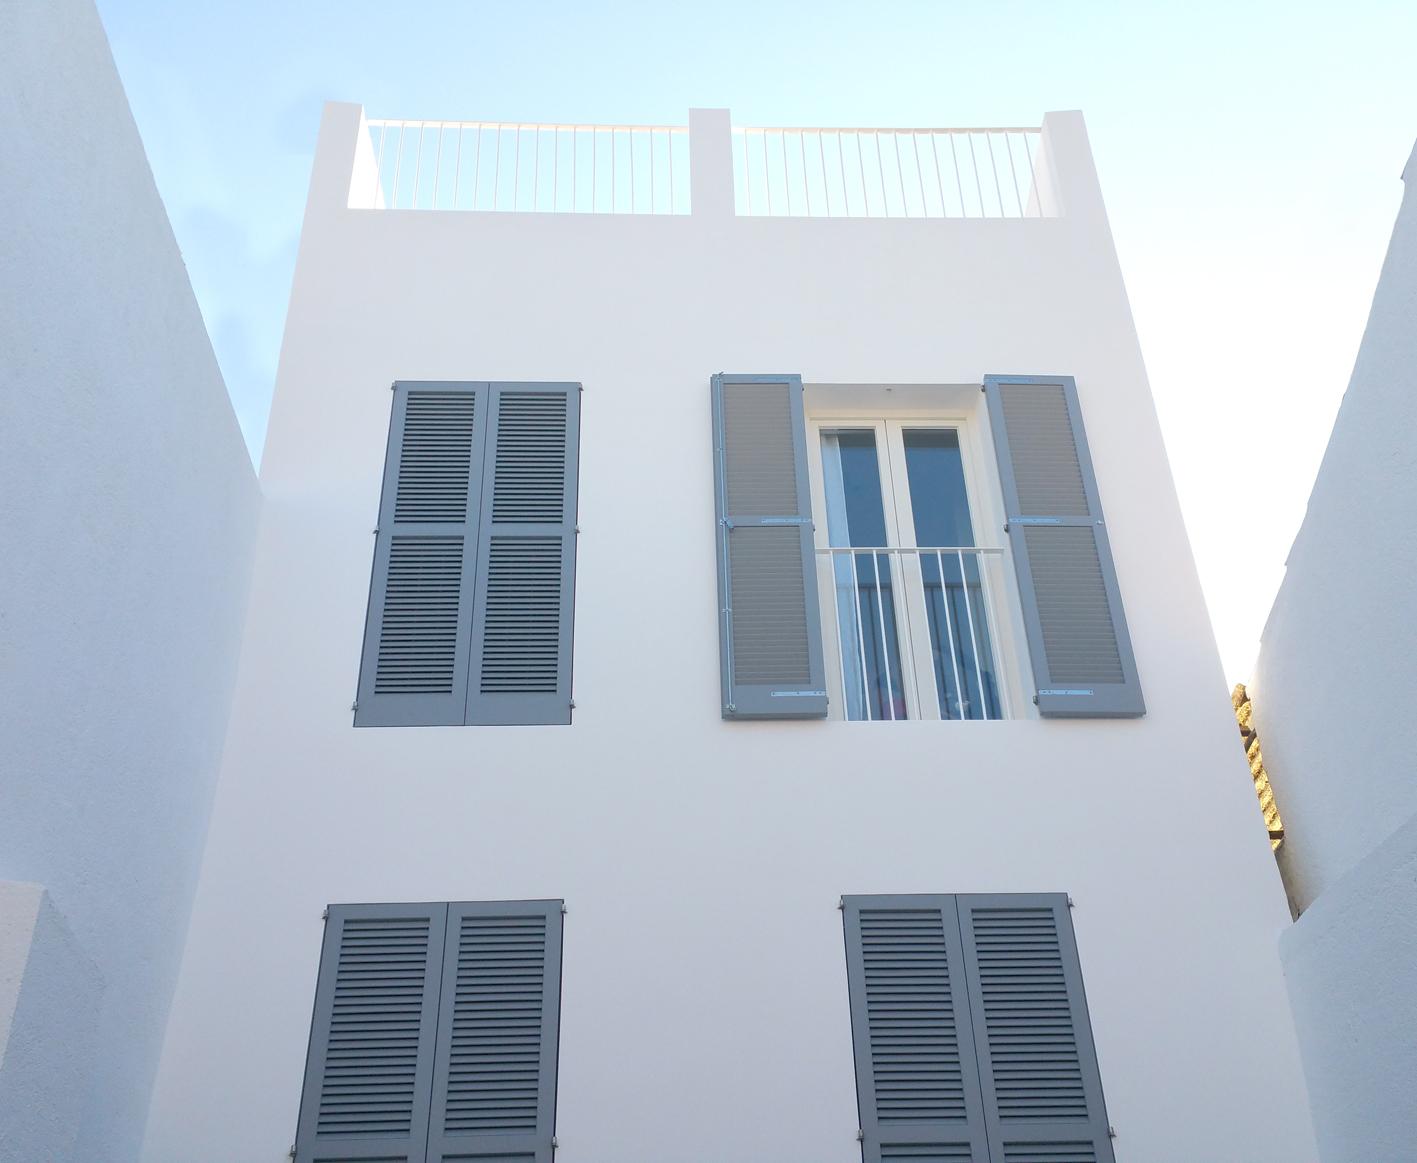 Vivienda unifamiliar Portocolom - Mallorca - Arquitecto Mallorca